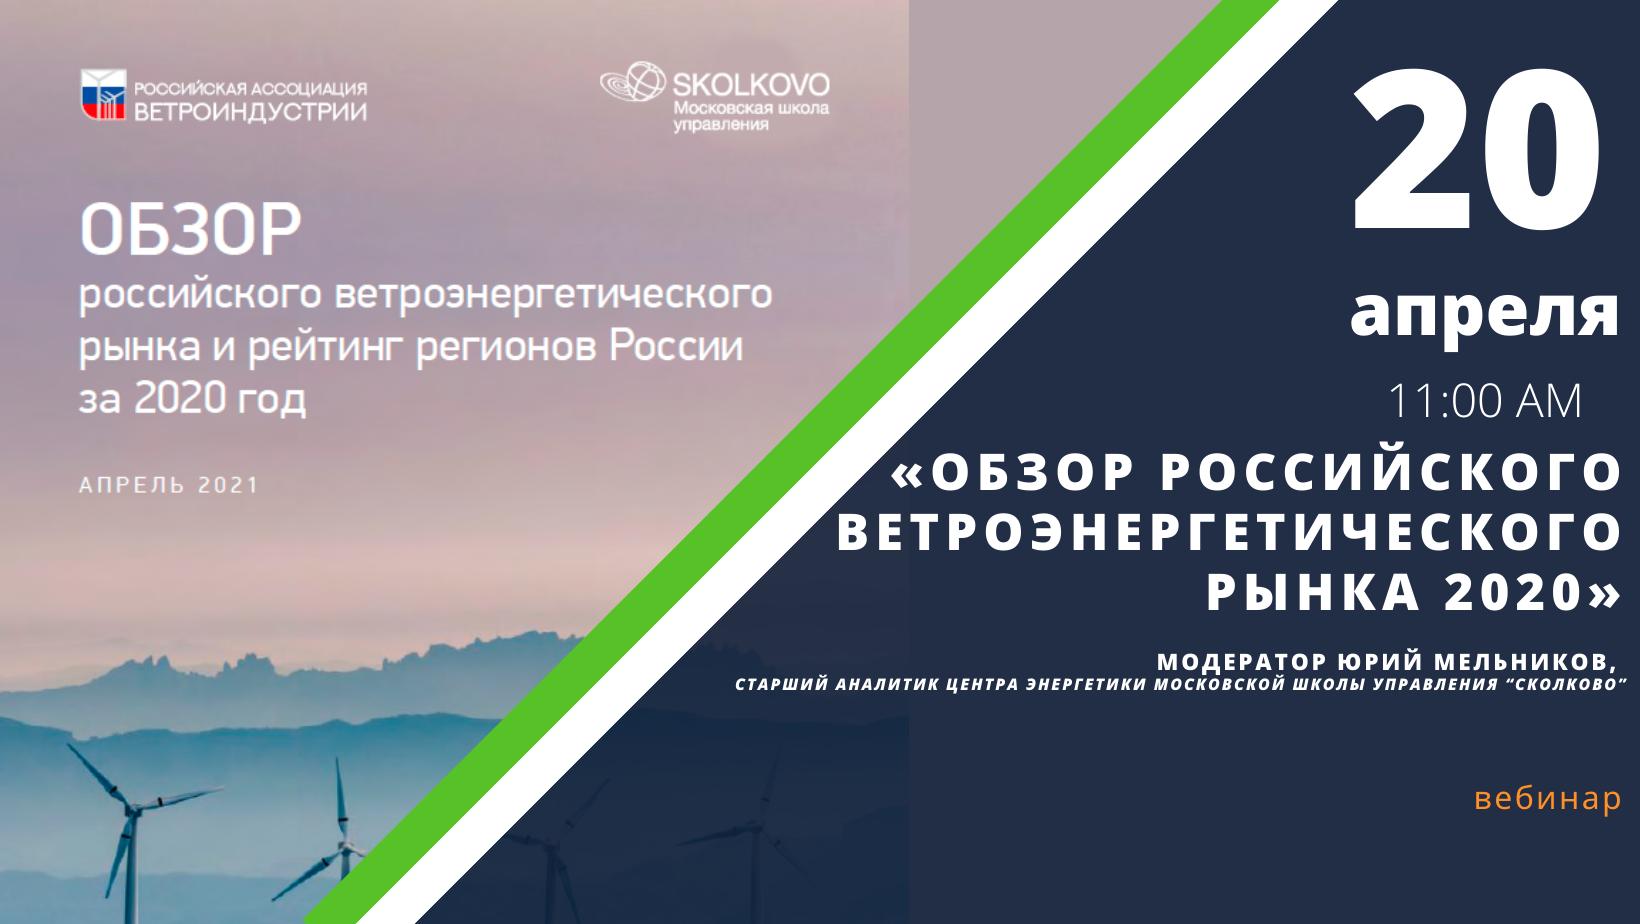 Обзор российского рынка ветроэнергетики